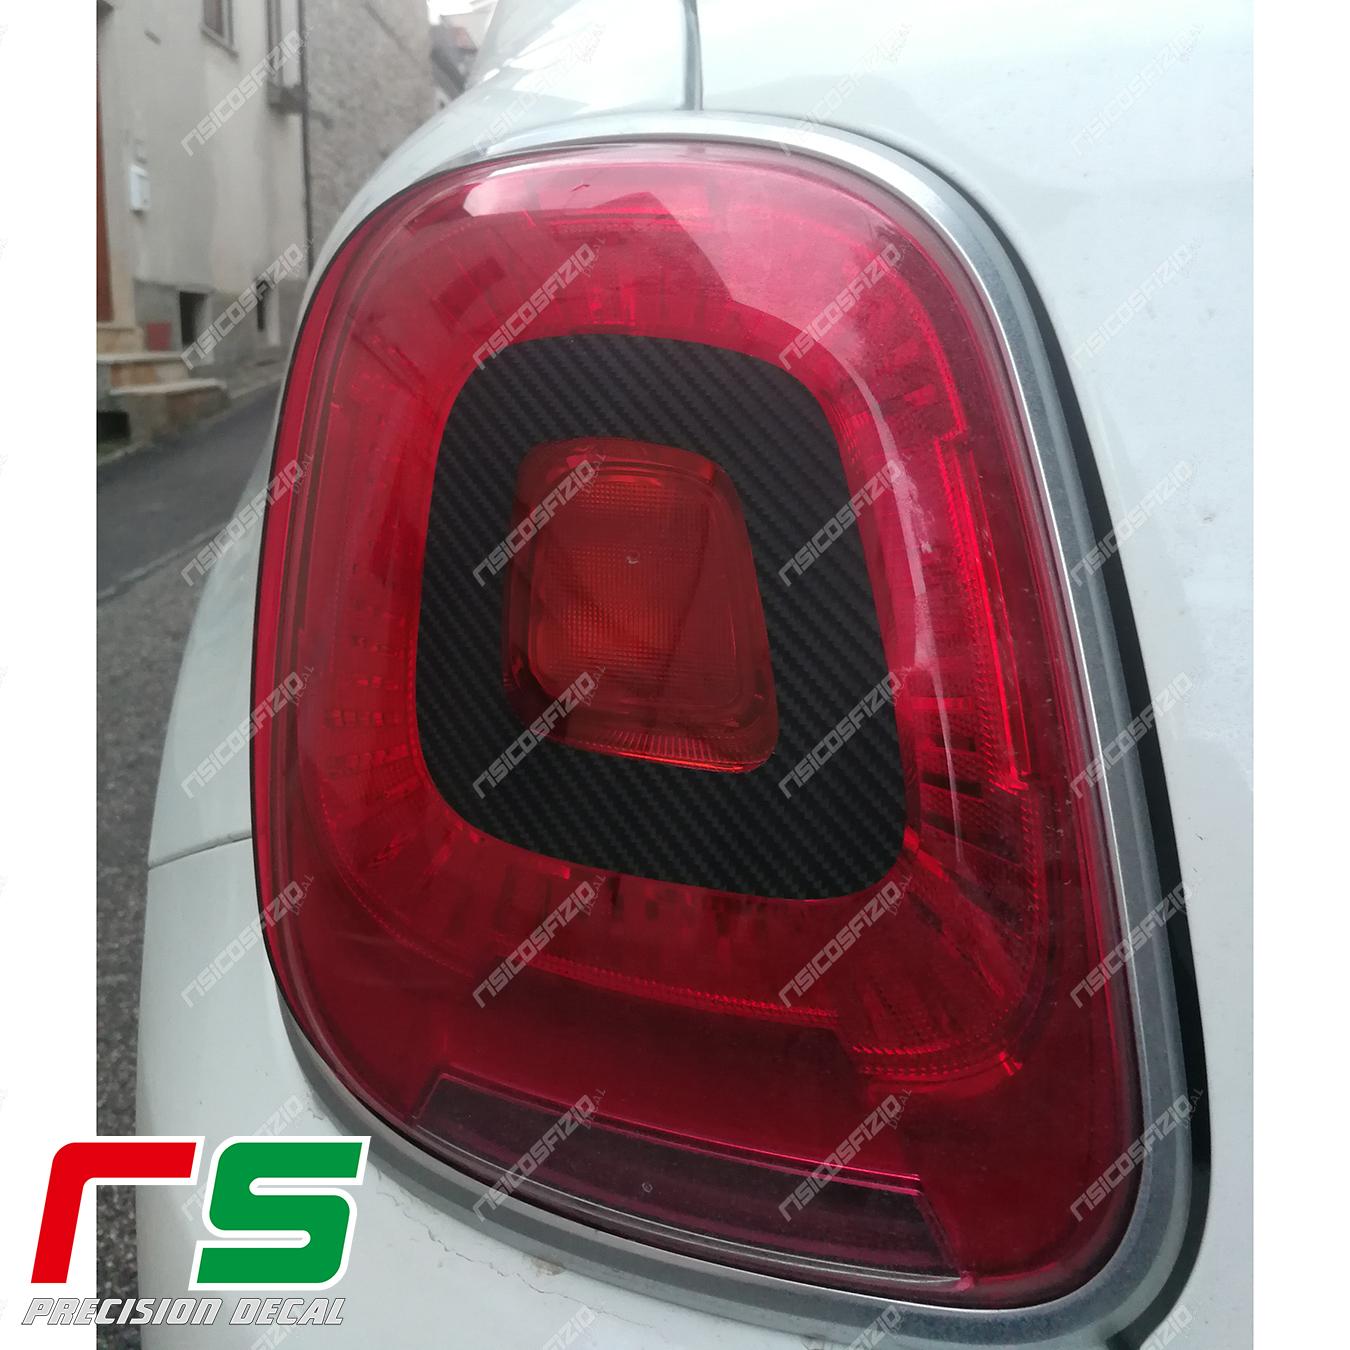 Fiat 500X autocollants autocollant décalcomanie feux arrière arrêt tuning